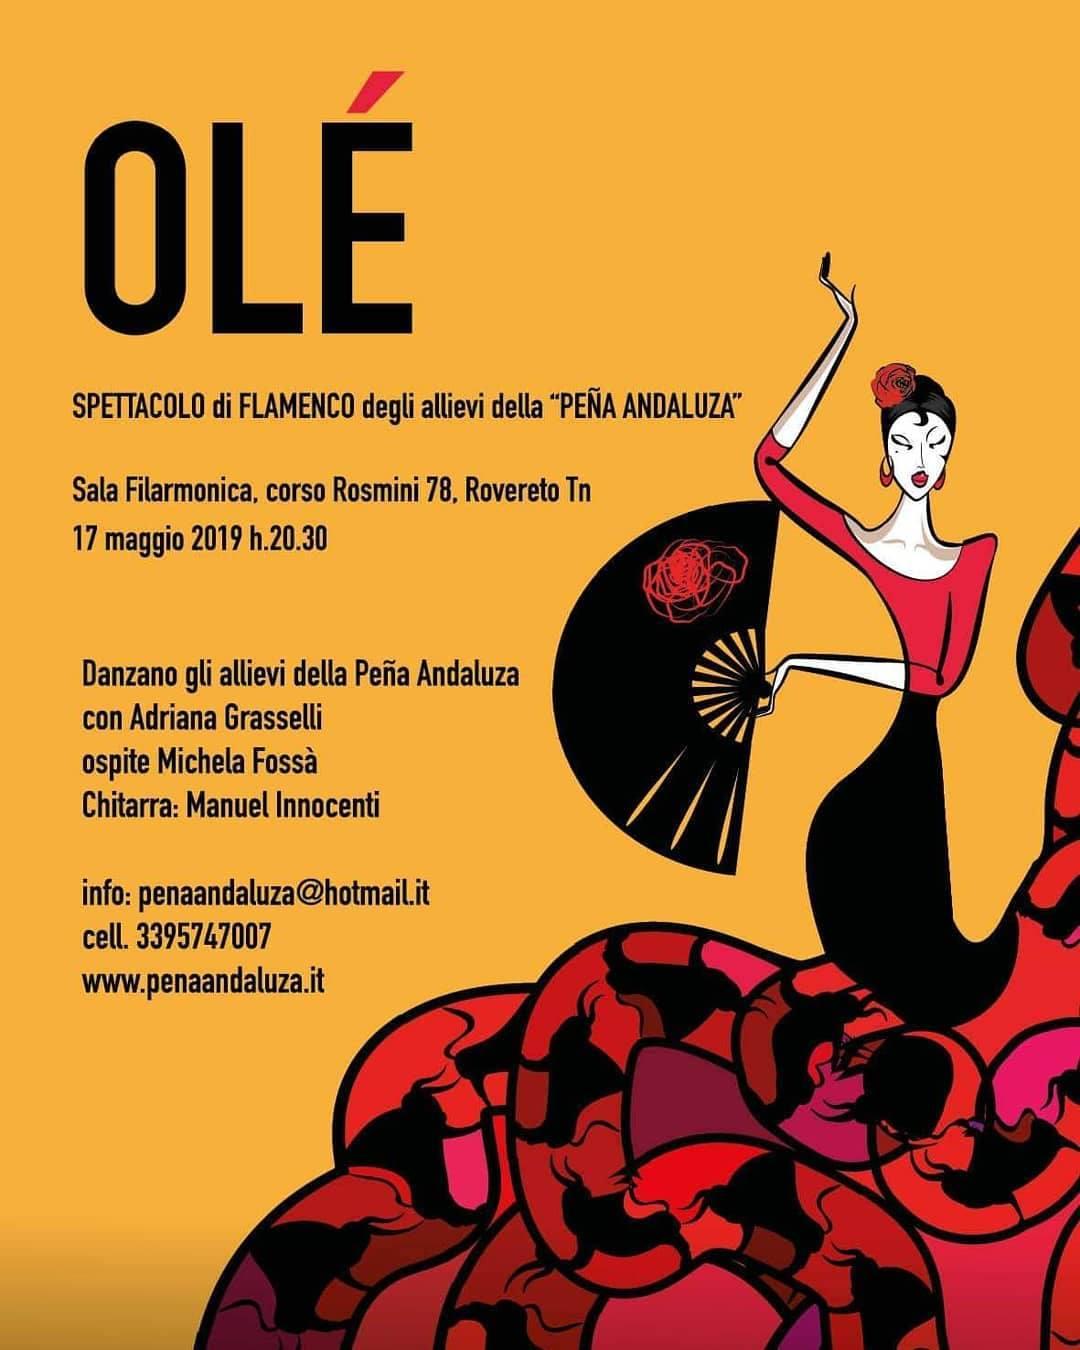 Federdanza Calendario.Calendario Saggi 2019 Ftd Federazione Trentino Danza